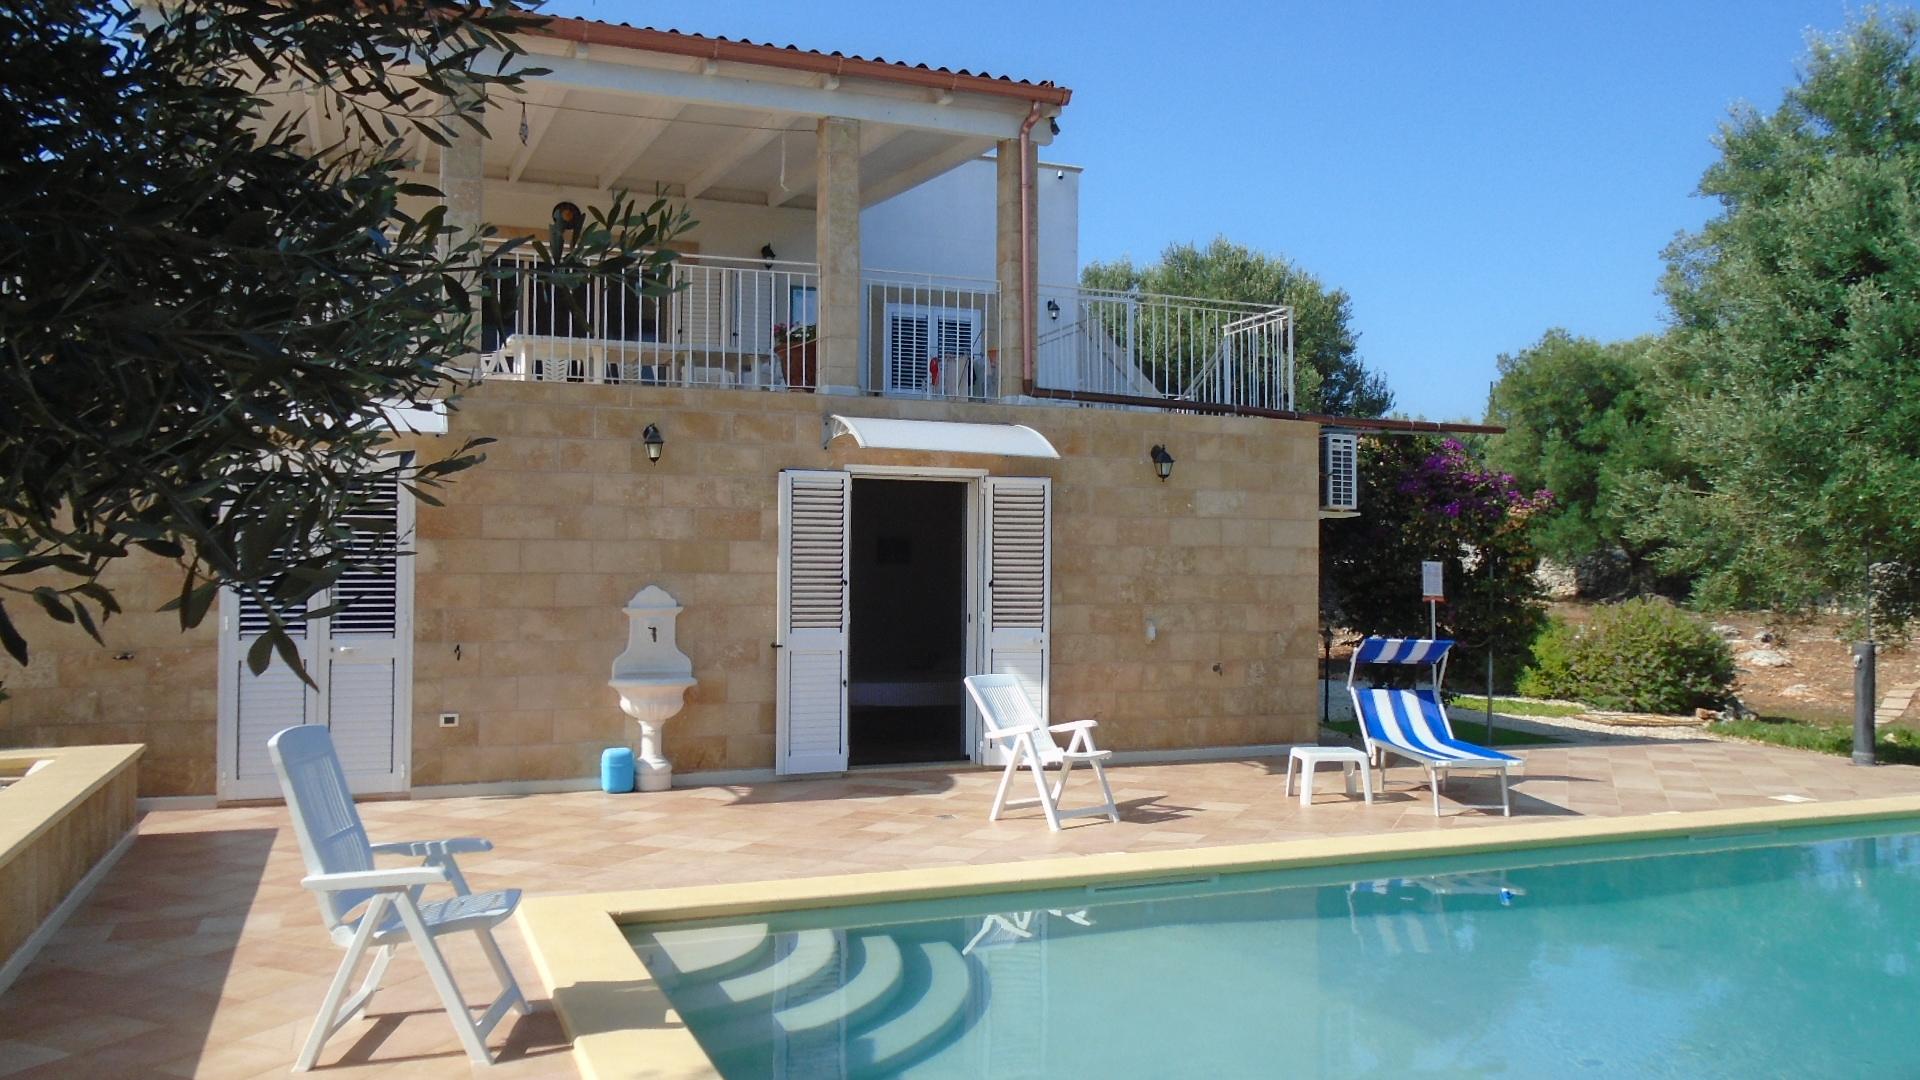 Affitto villa con piscina in puglia zona ostuni 26 agosto - Villa in affitto con piscina ...